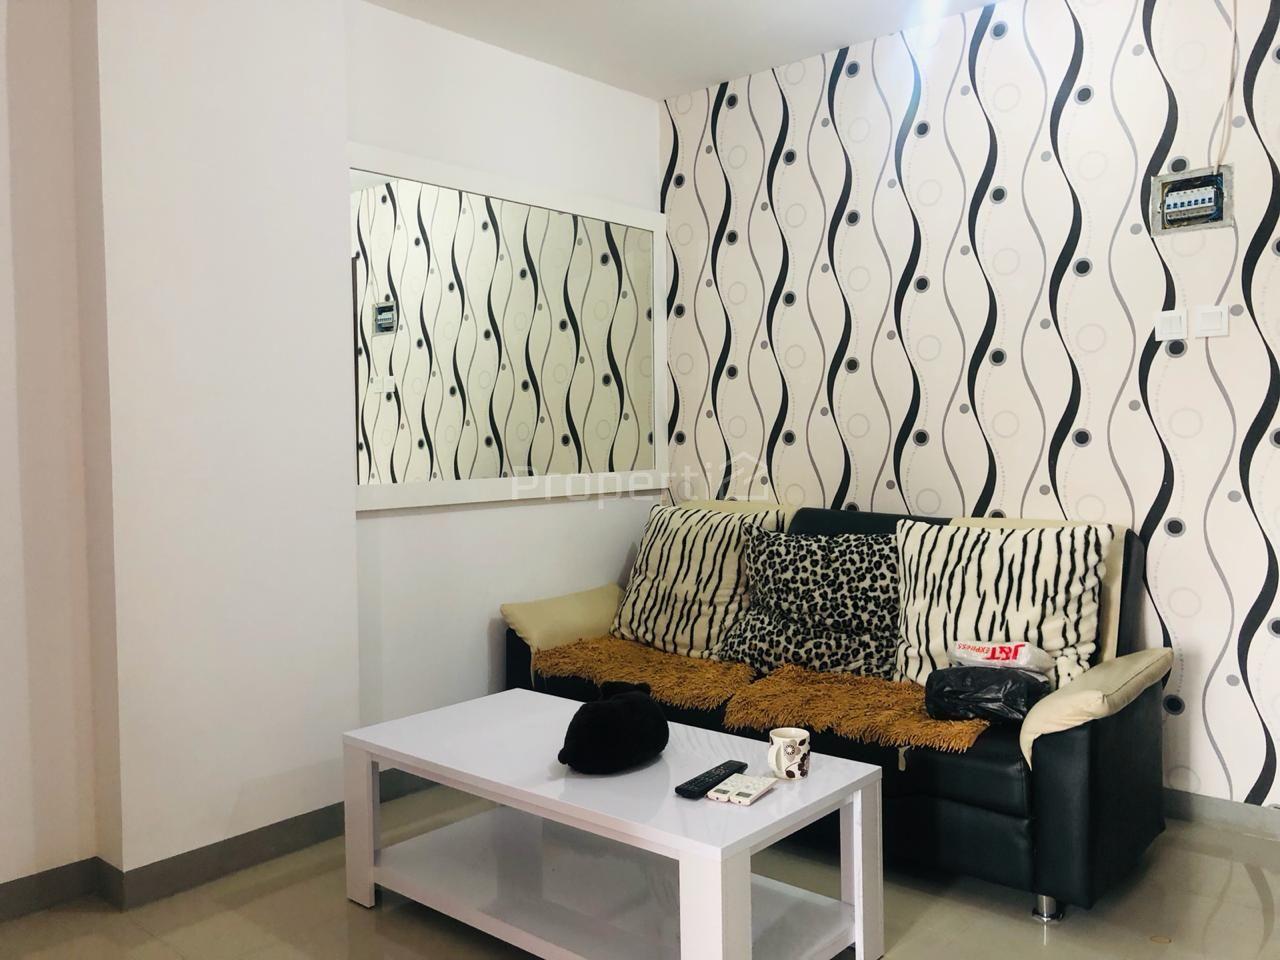 2BR Apartment Unit at Galeri Ciumbuleuit 2, 31th Floor, Jawa Barat